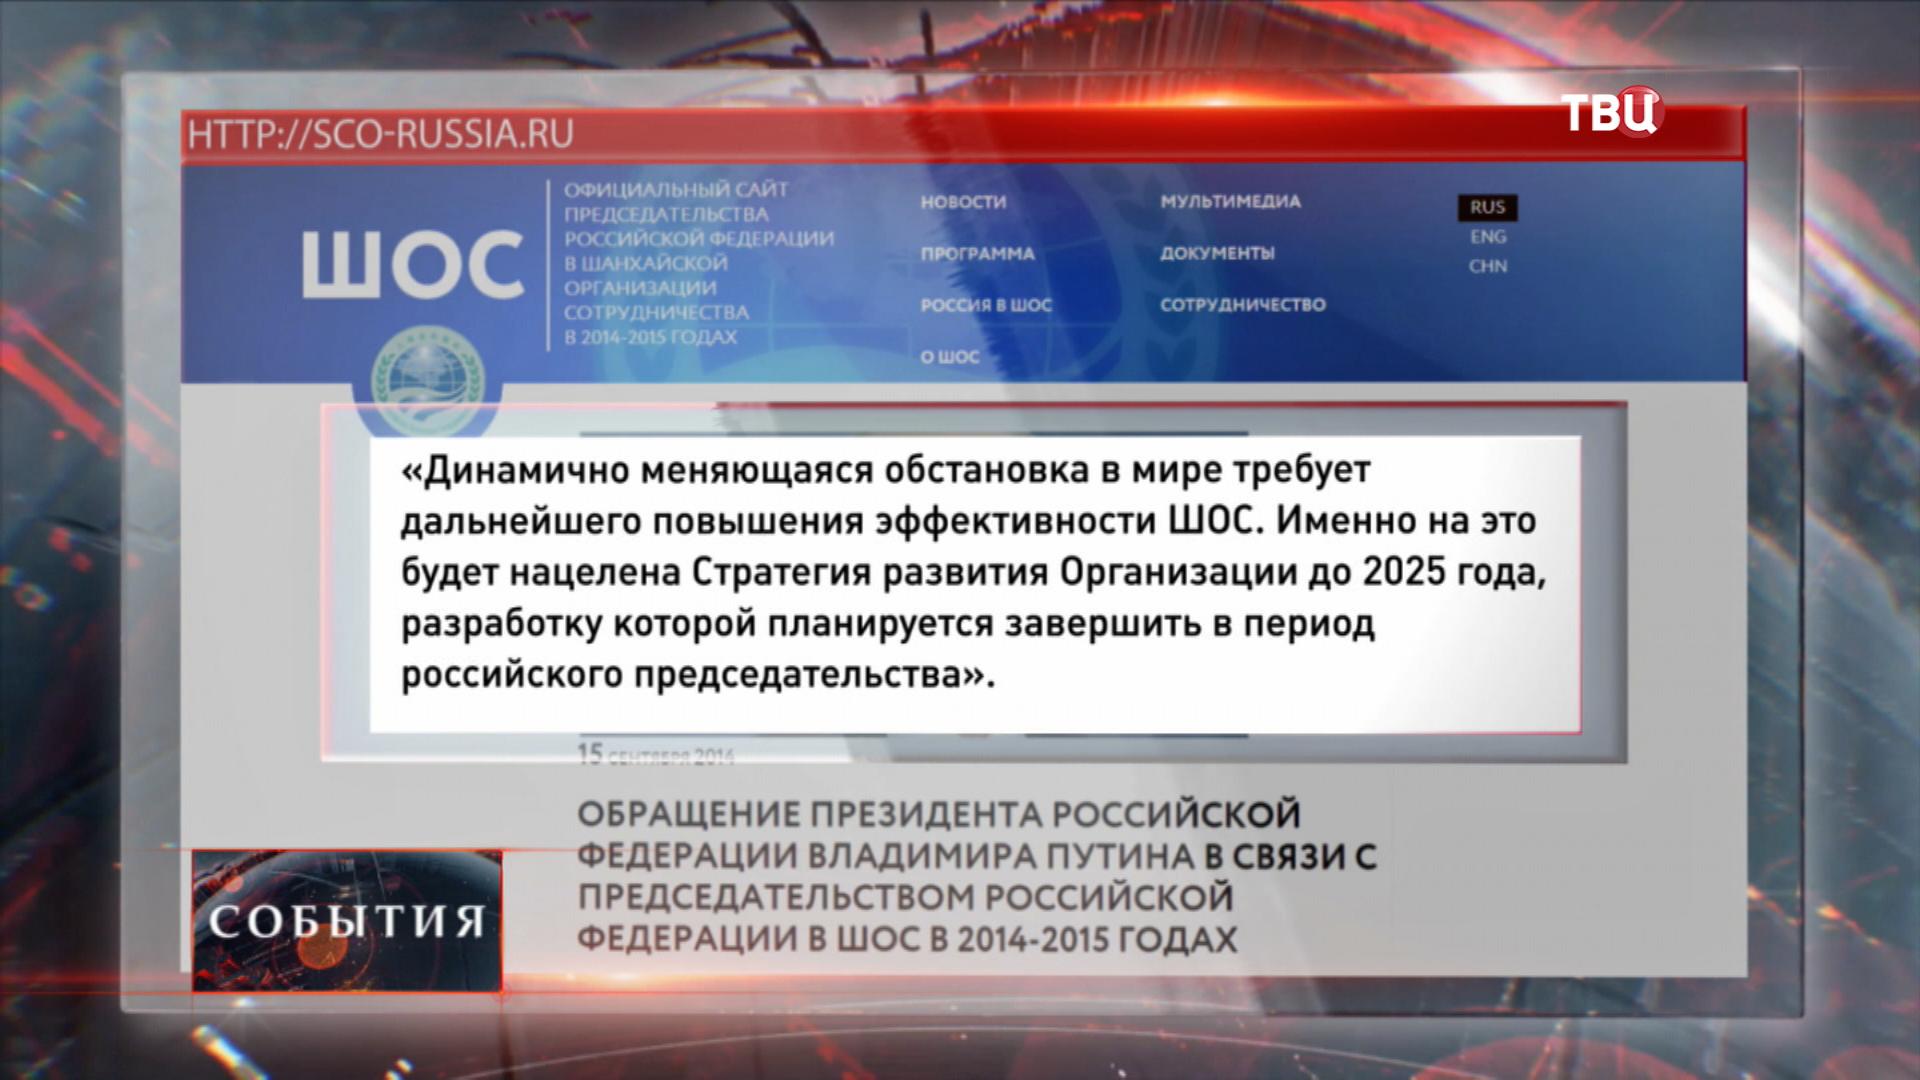 Сайт http://SCO-RUSSIA.RU